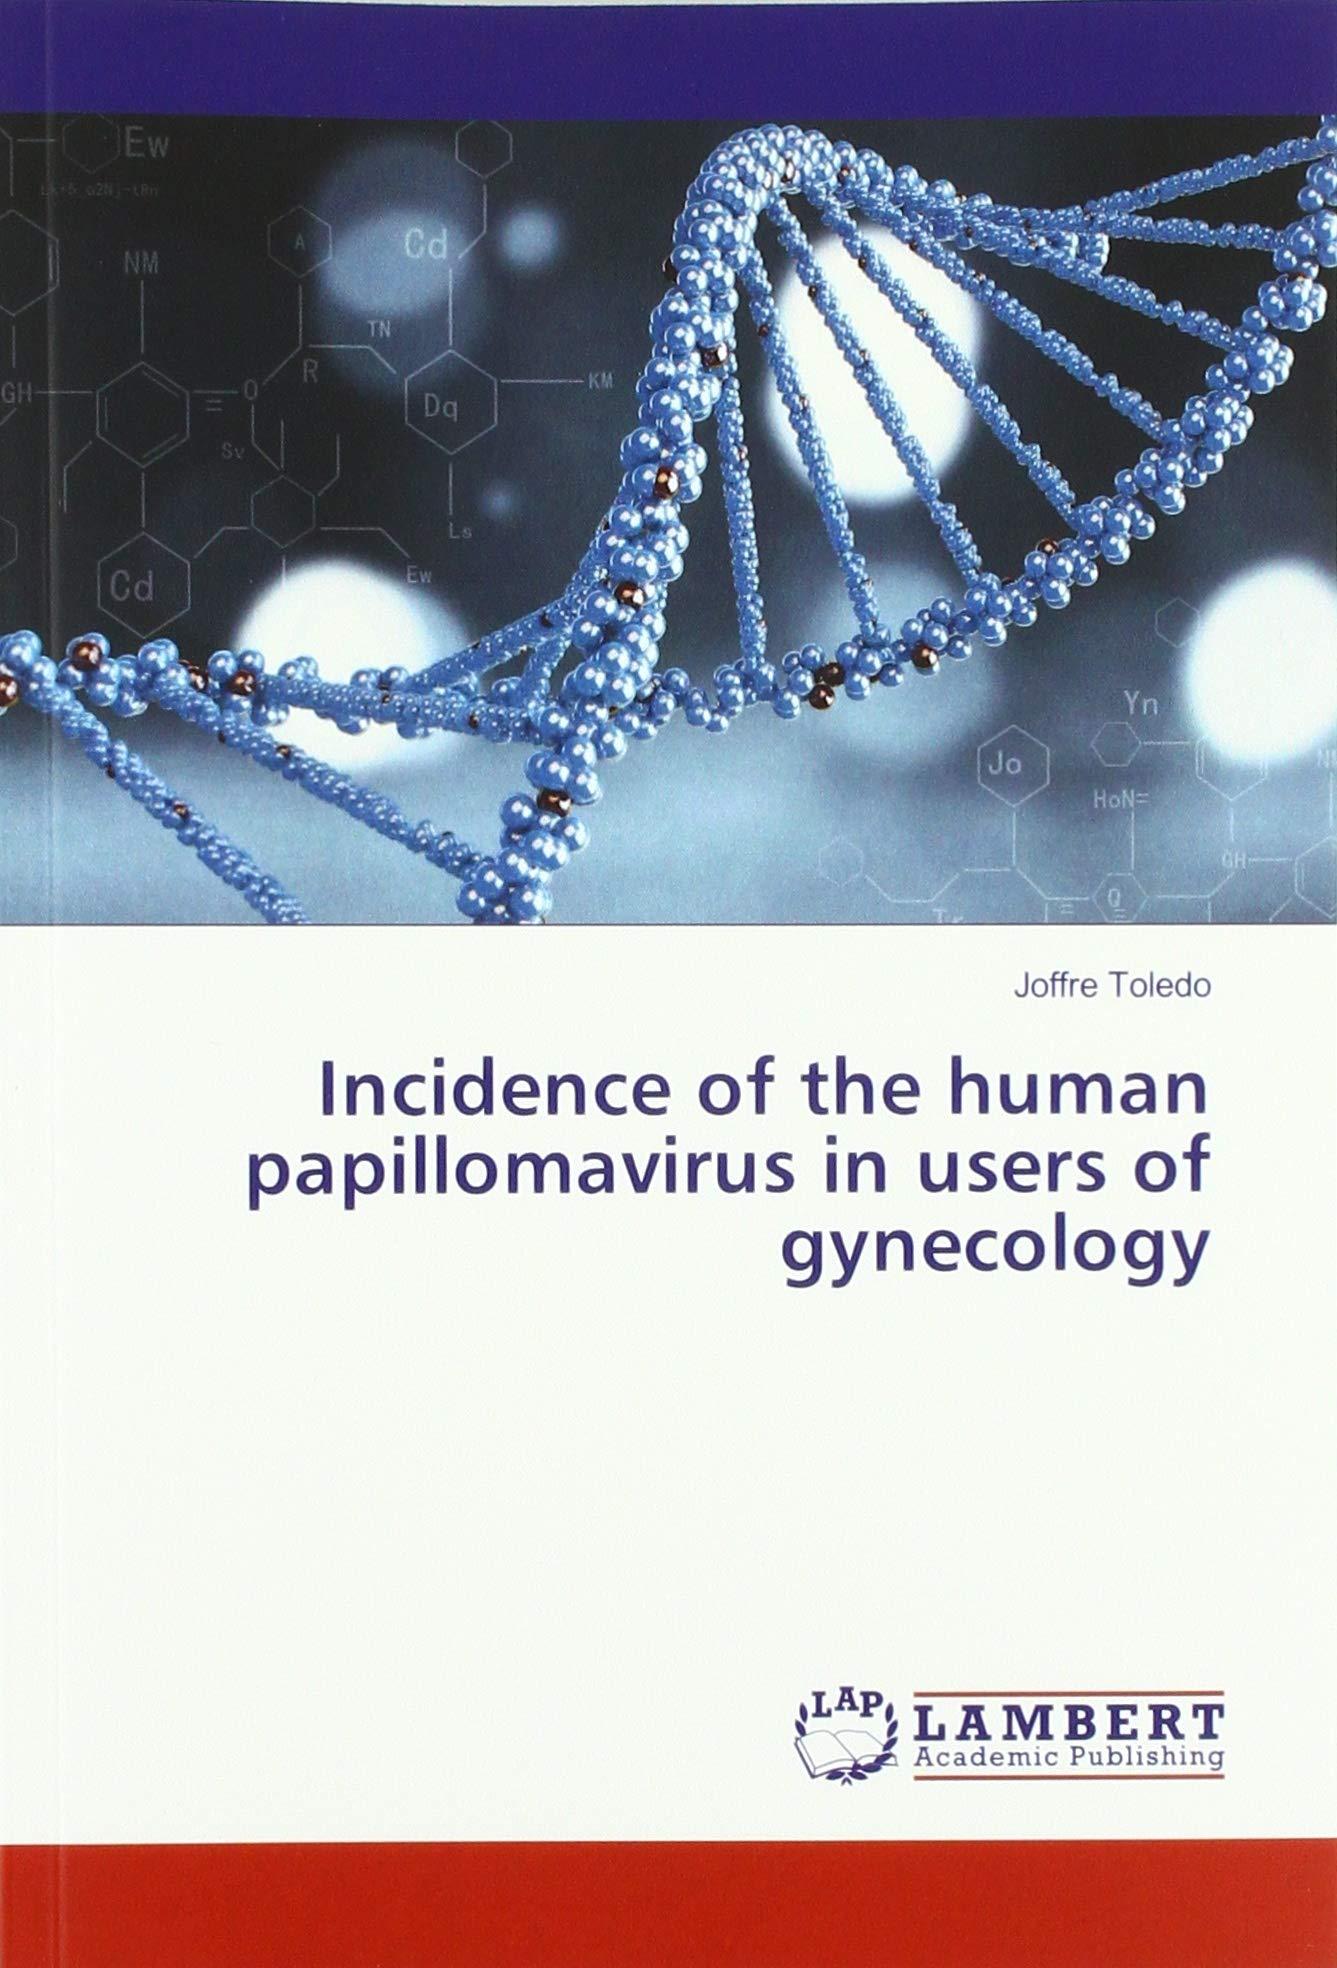 human papillomavirus in gynecology